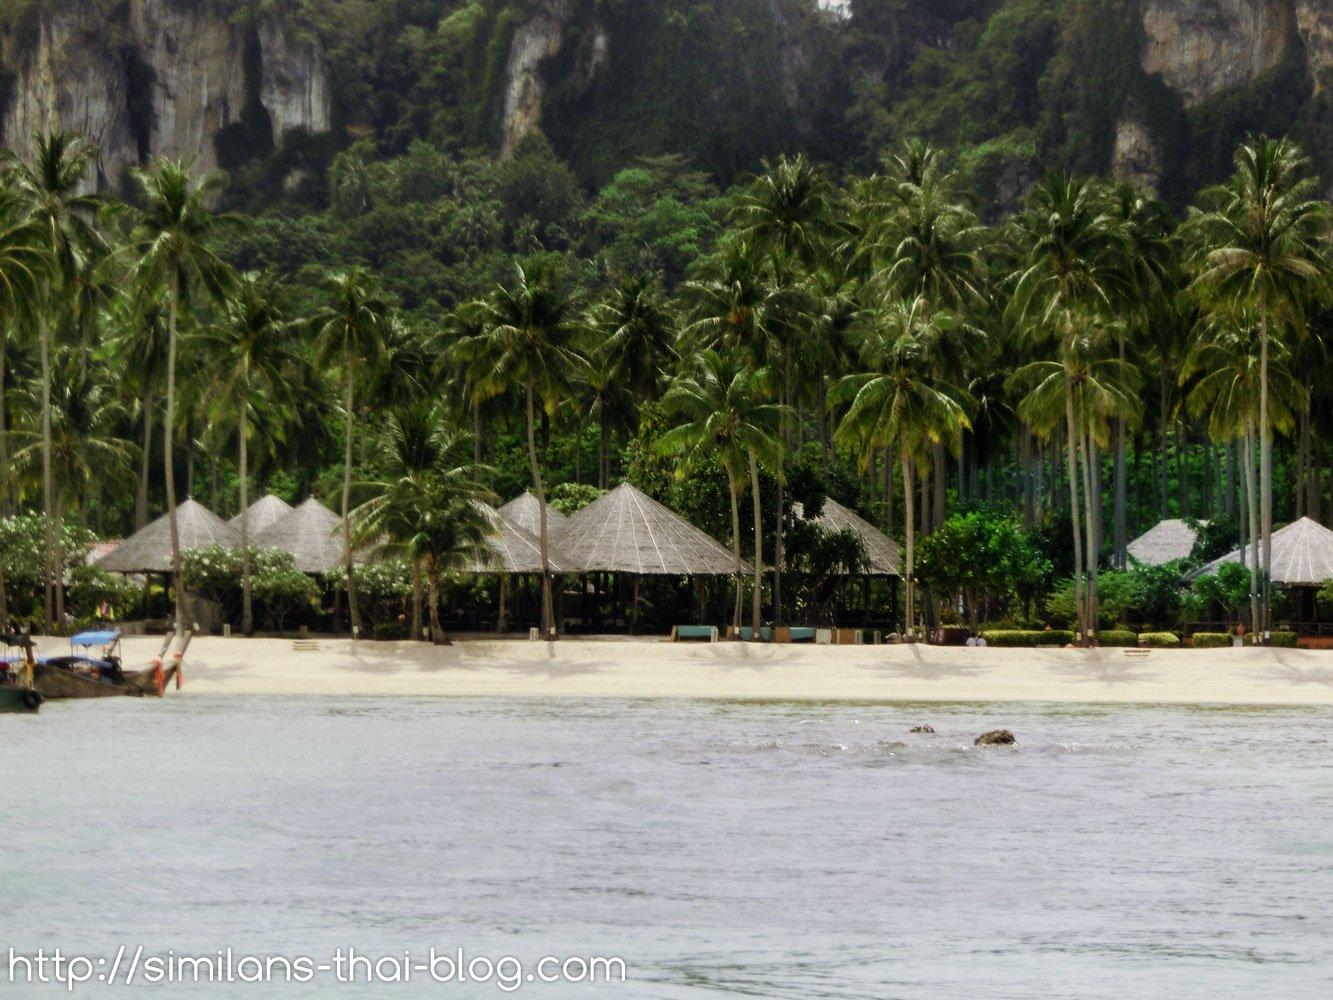 loh-bagao-bay-resort